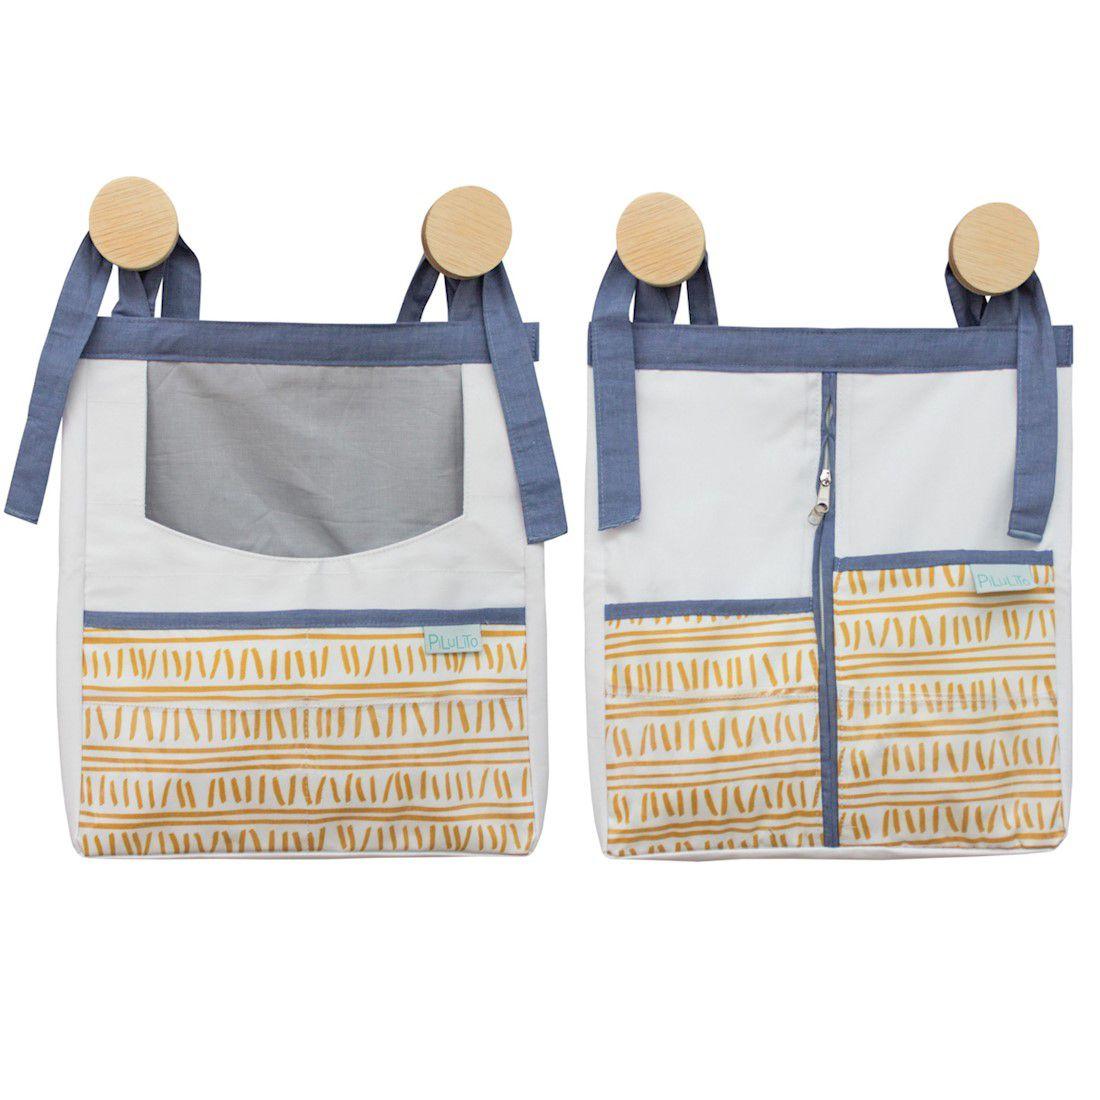 Kit Organizadores Trilha Amarelo Ocre E Azul Jeans